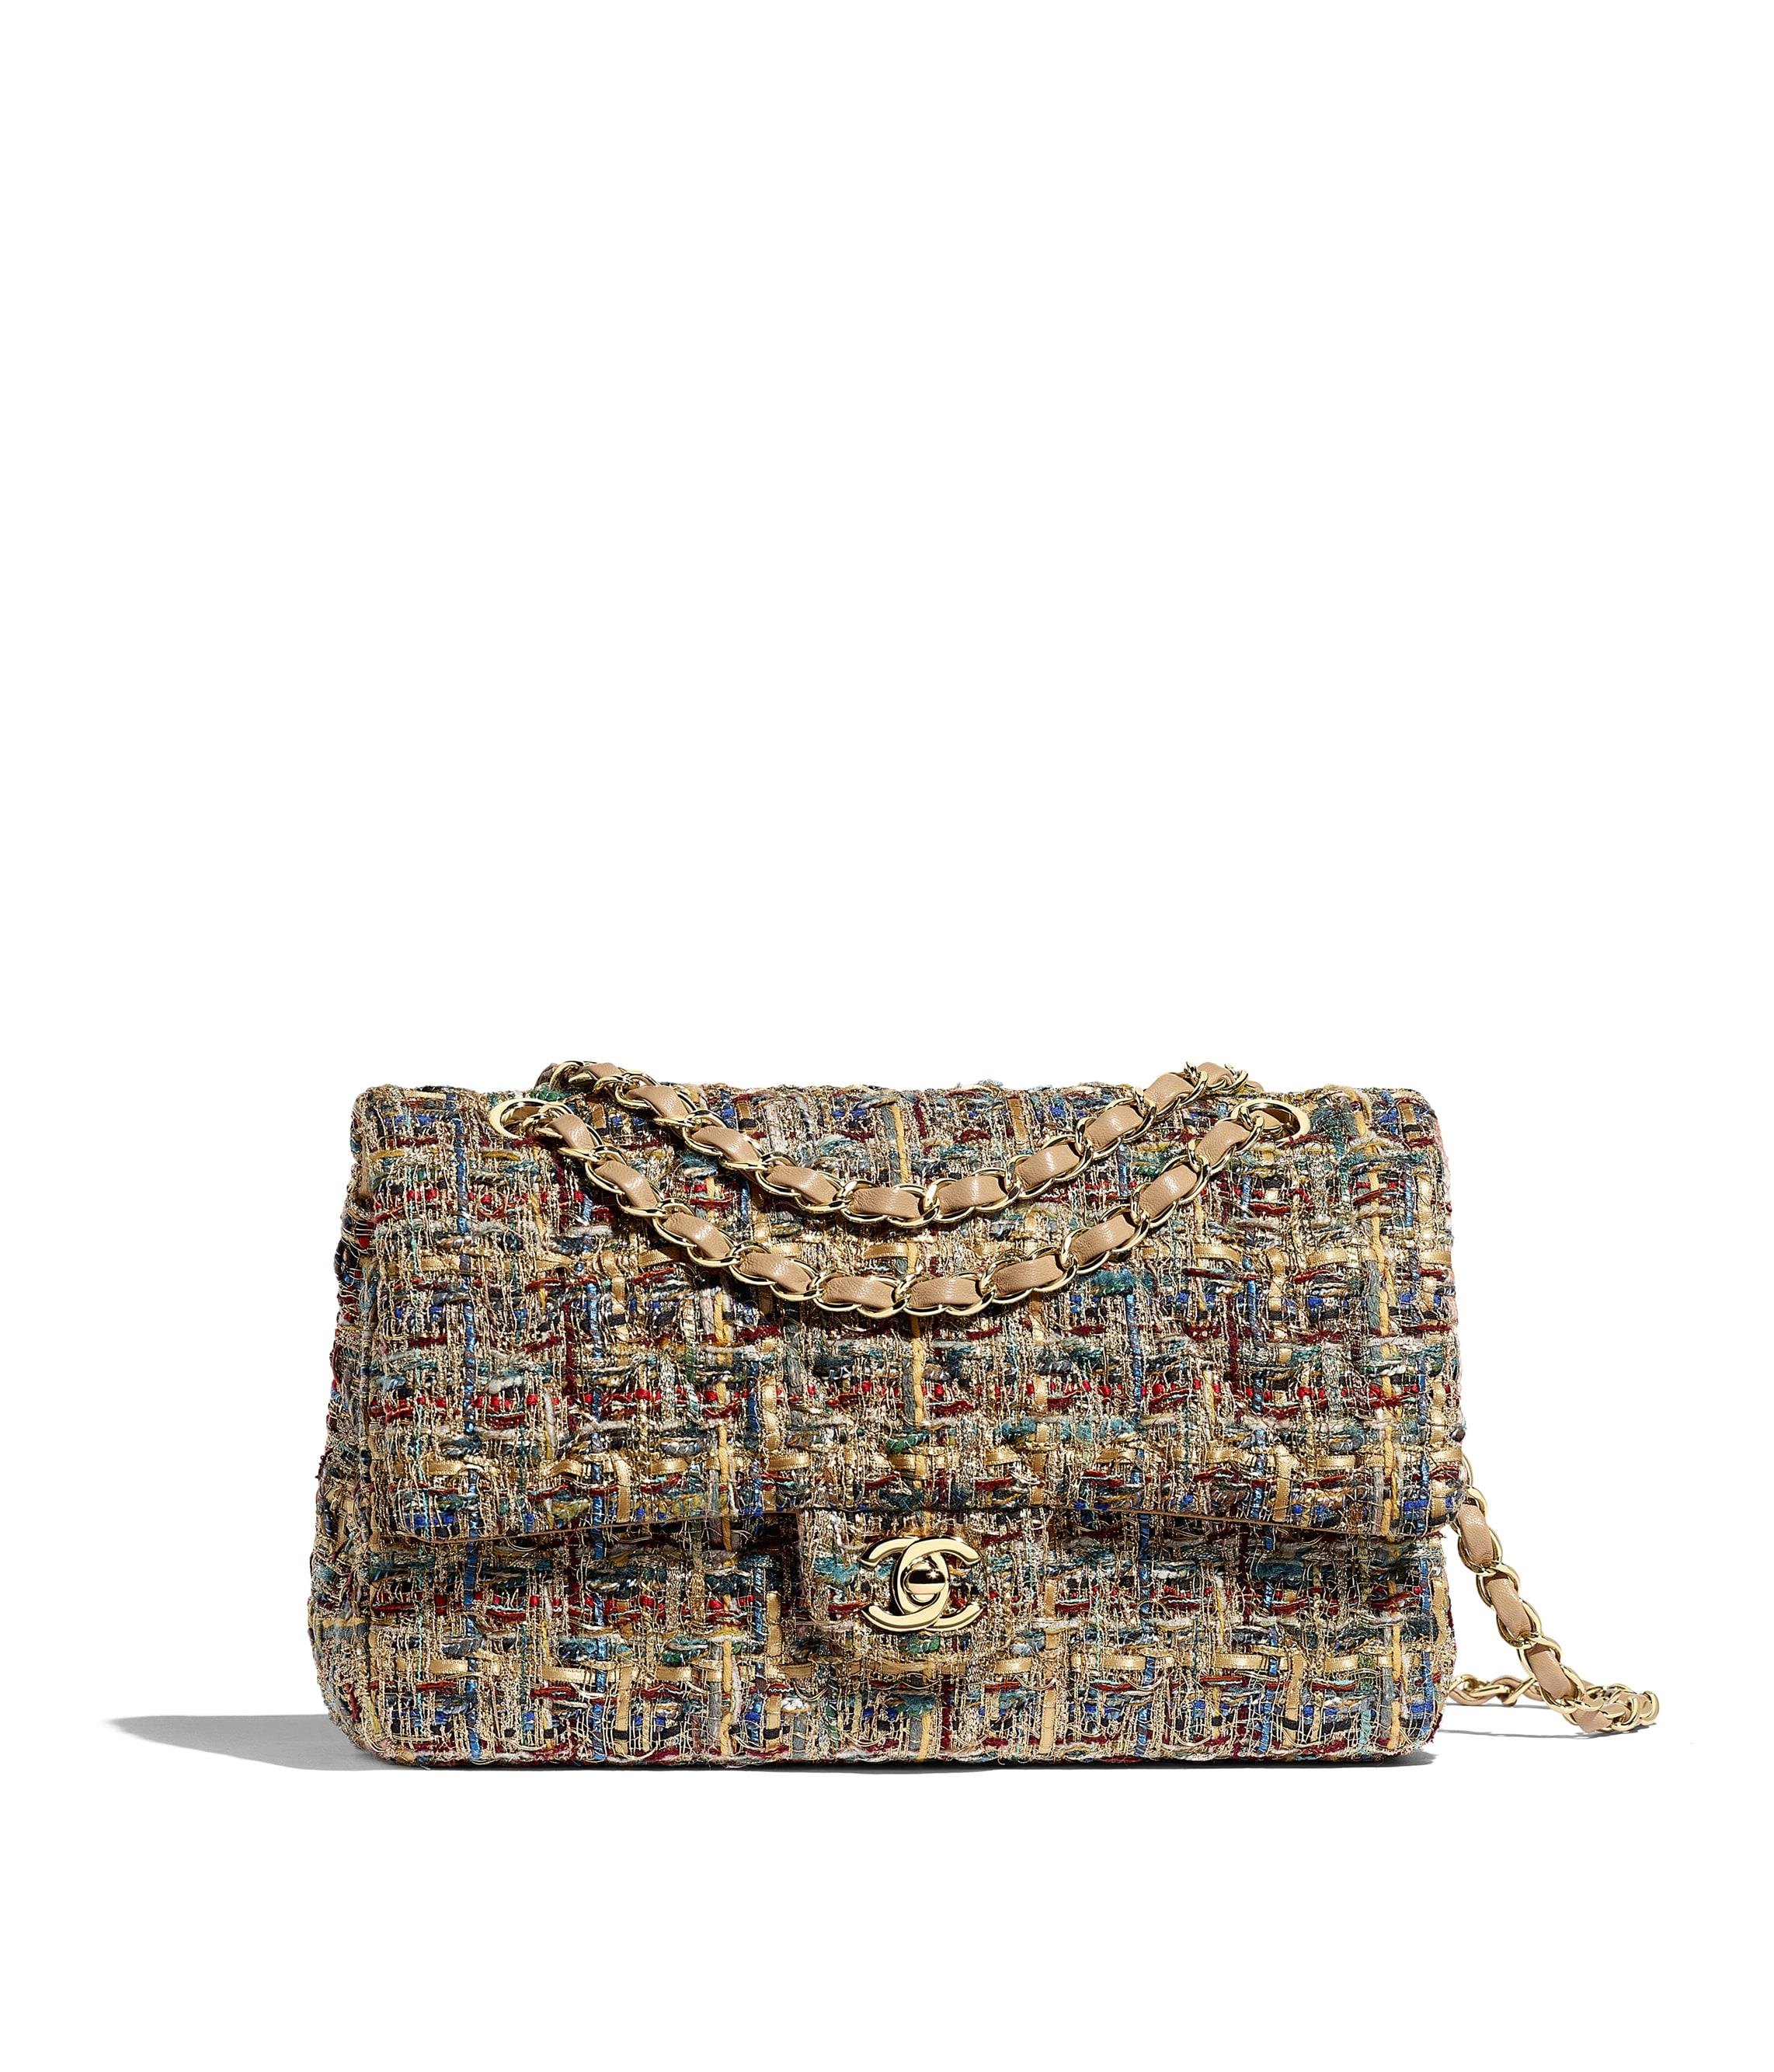 562b016047798 Klassische Handtasche – Handtaschen - CHANEL